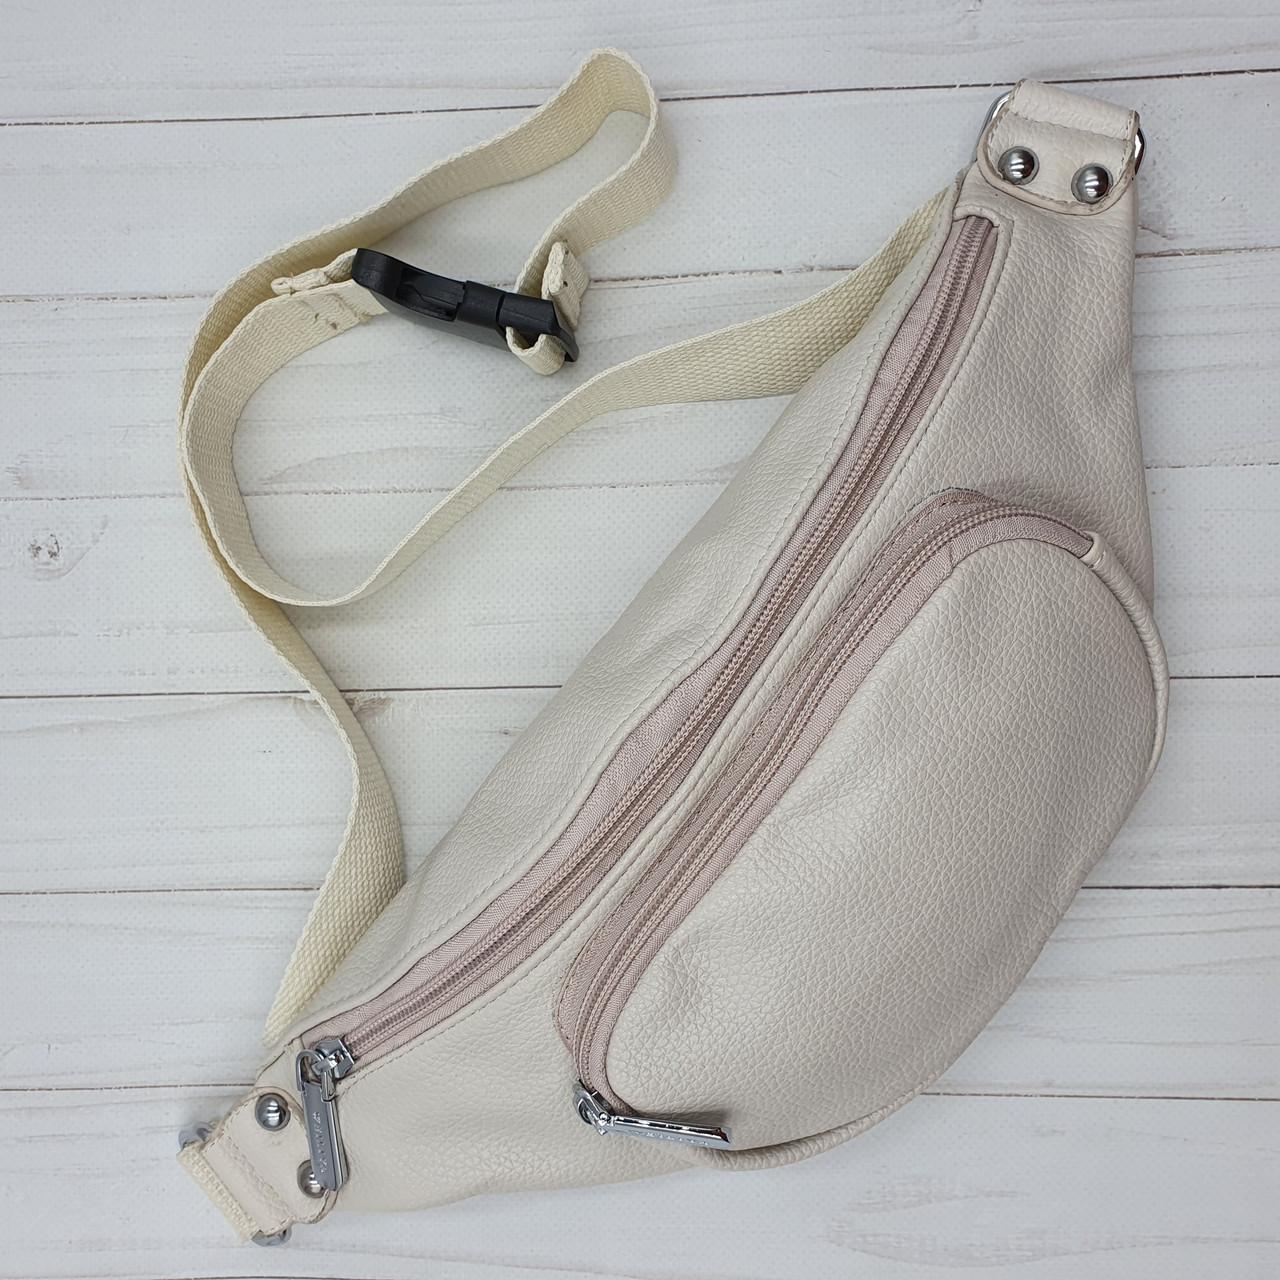 Женская поясная сумка- бананка.Цвет жемчуг,эко-кожа.2 отделения